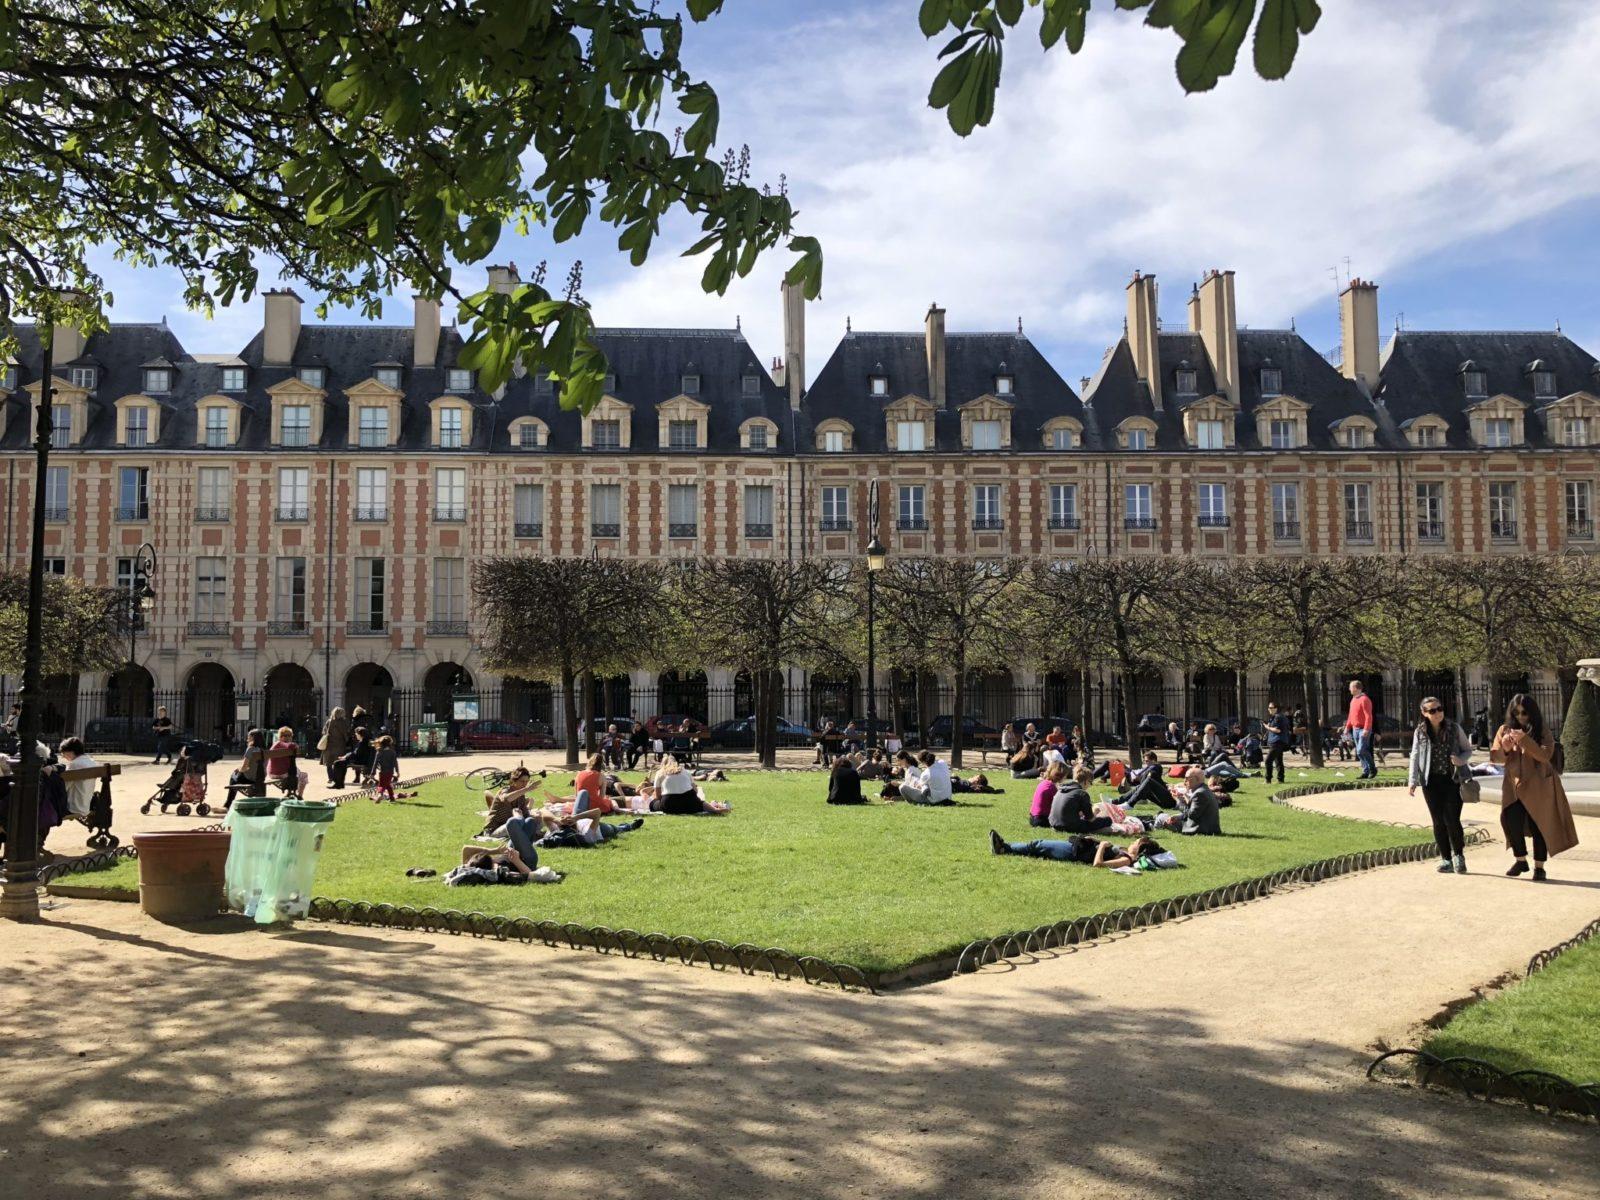 Paryż - co warto zobaczyć? Wszystkie sekrety popularnej dzielnicy Marais